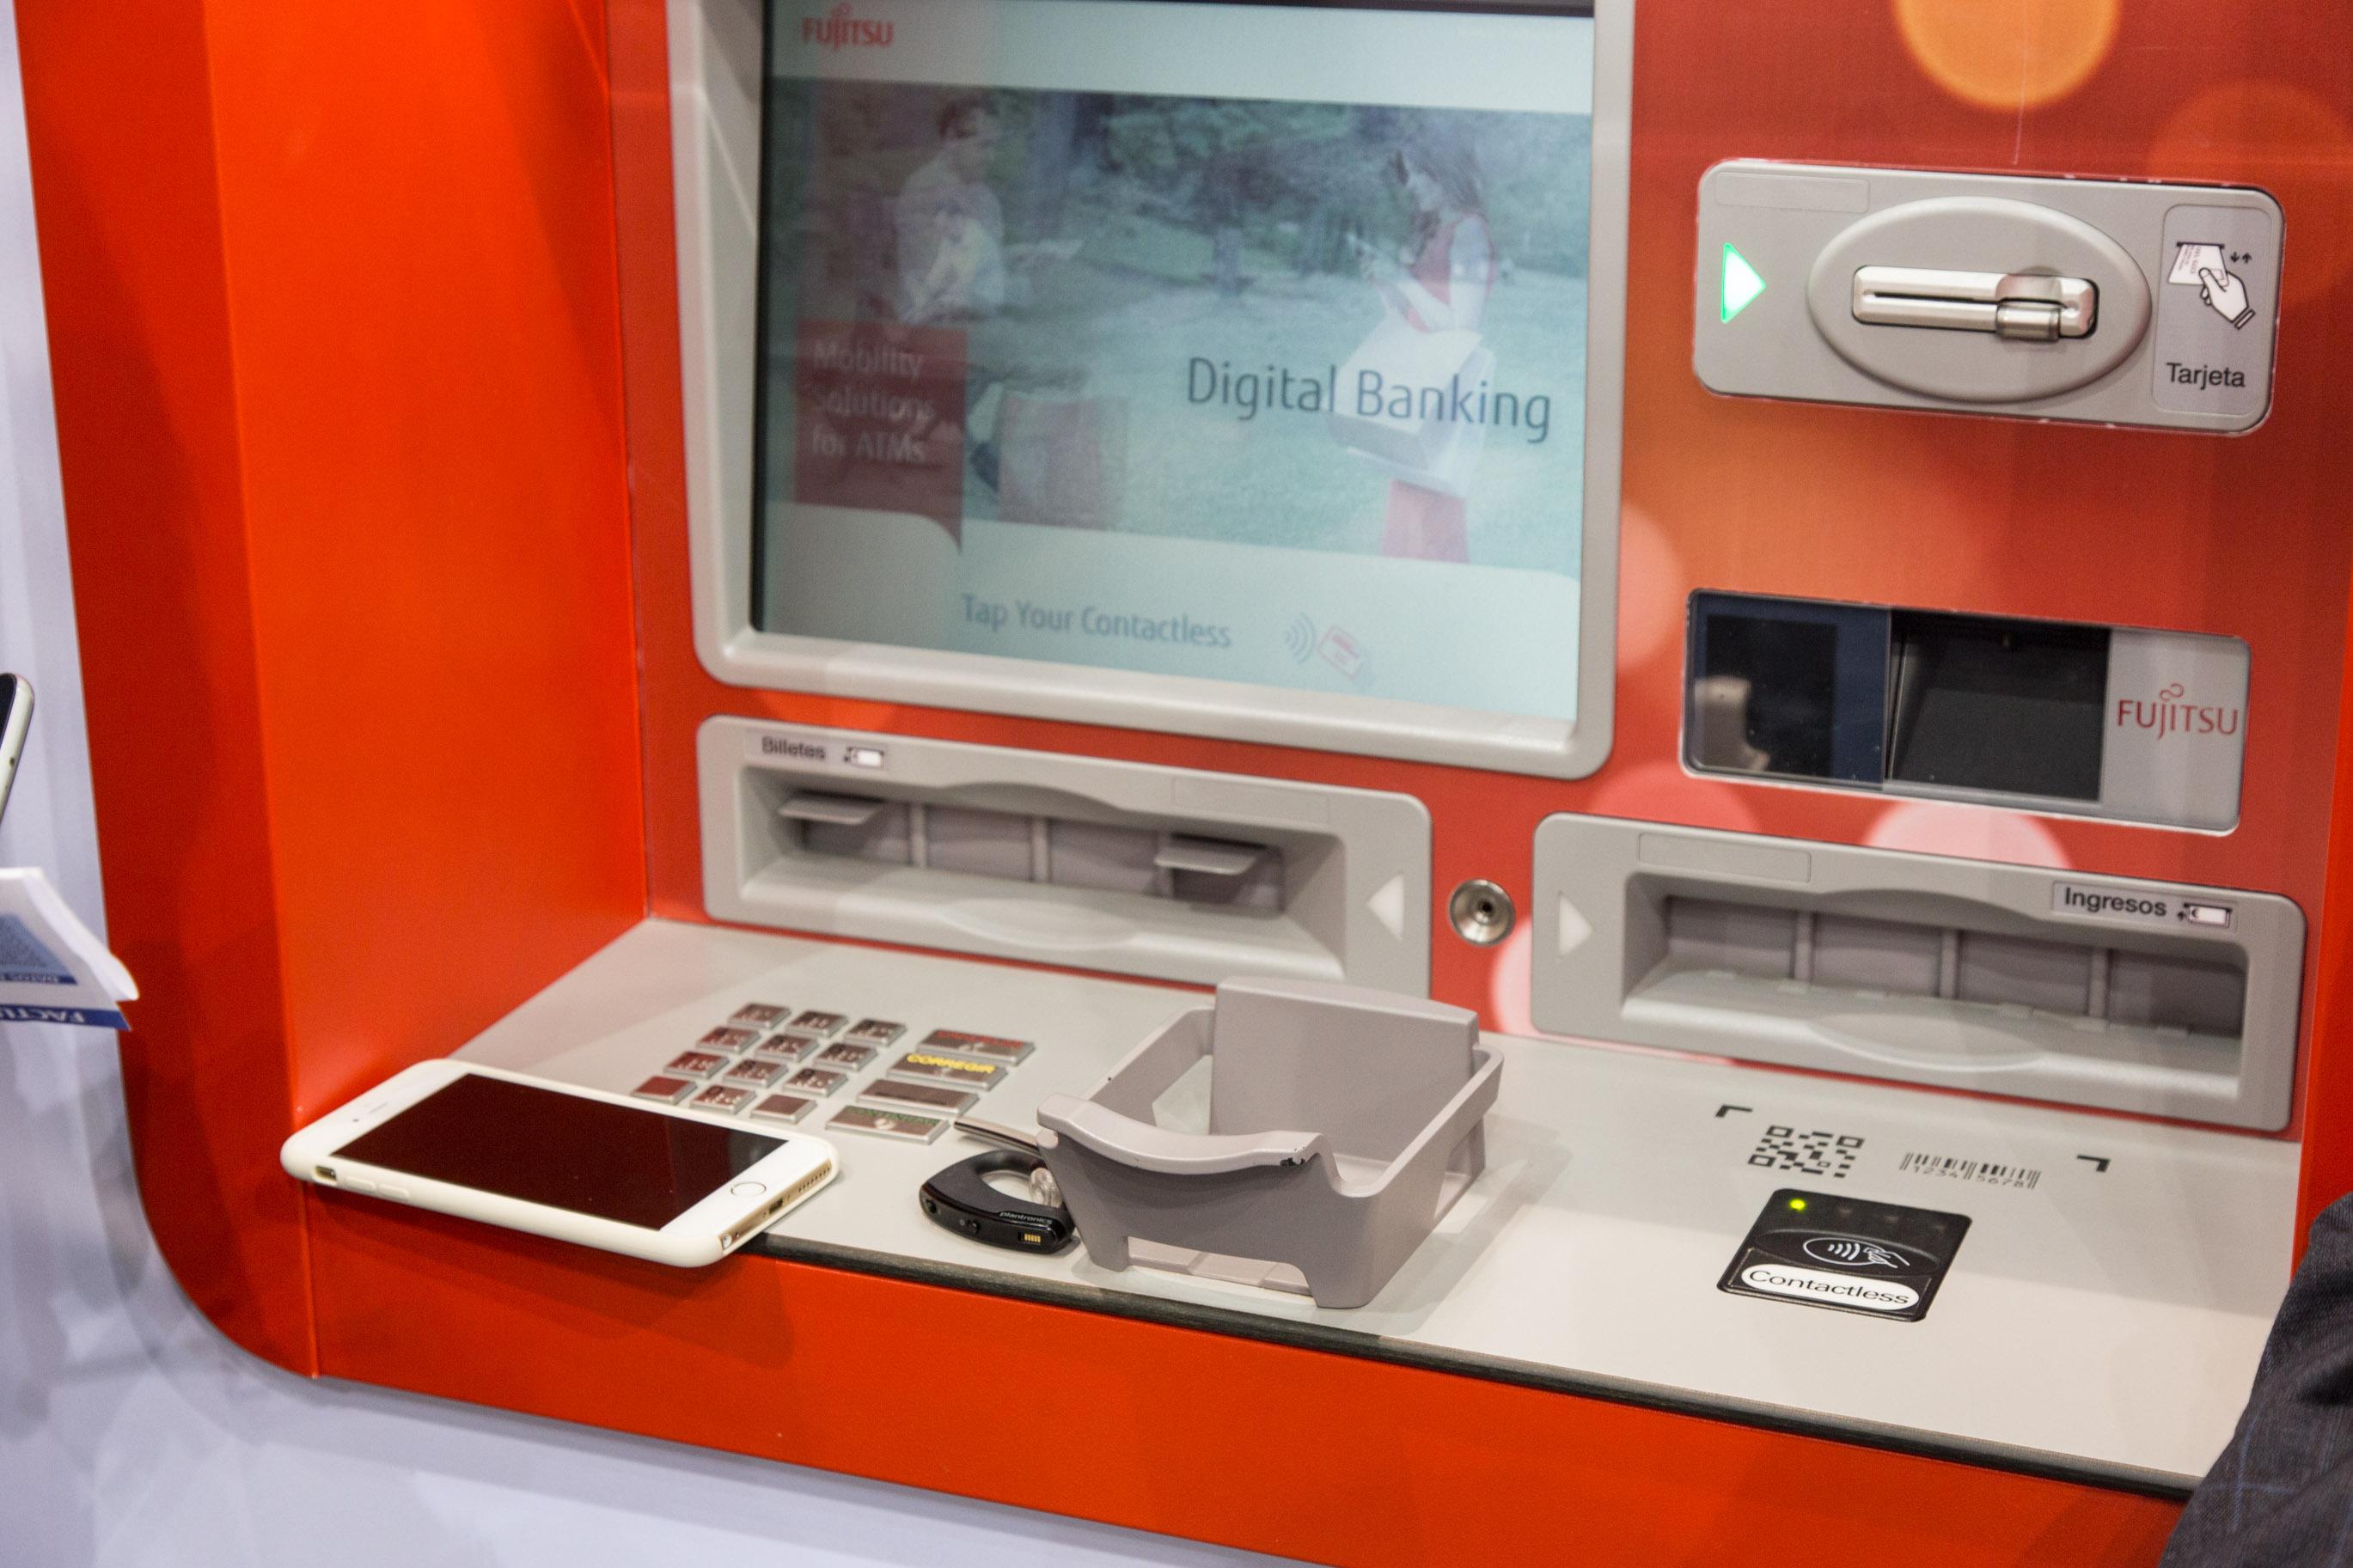 Fujitsu Palmsecure: Venenscan statt Kreditkarte - Palmsecure ersetzt hier aber nicht die alten Systeme, um Geld abzuheben. (Foto: Martin Wolf/Golem.de)